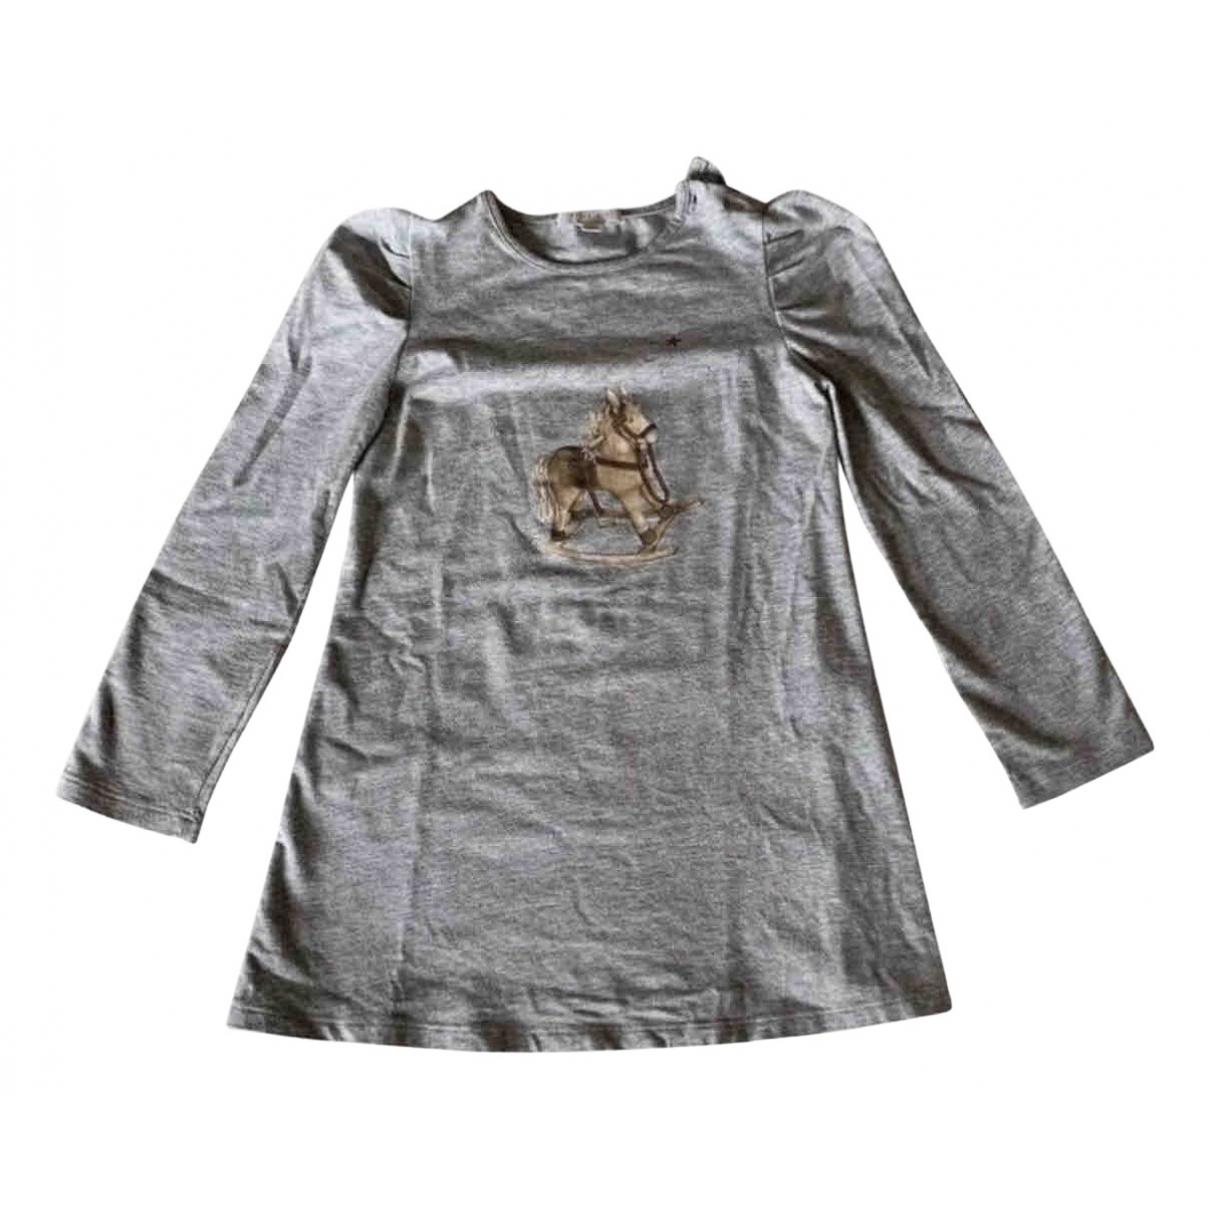 Gucci \N Kleid in  Grau Baumwolle - Elasthan